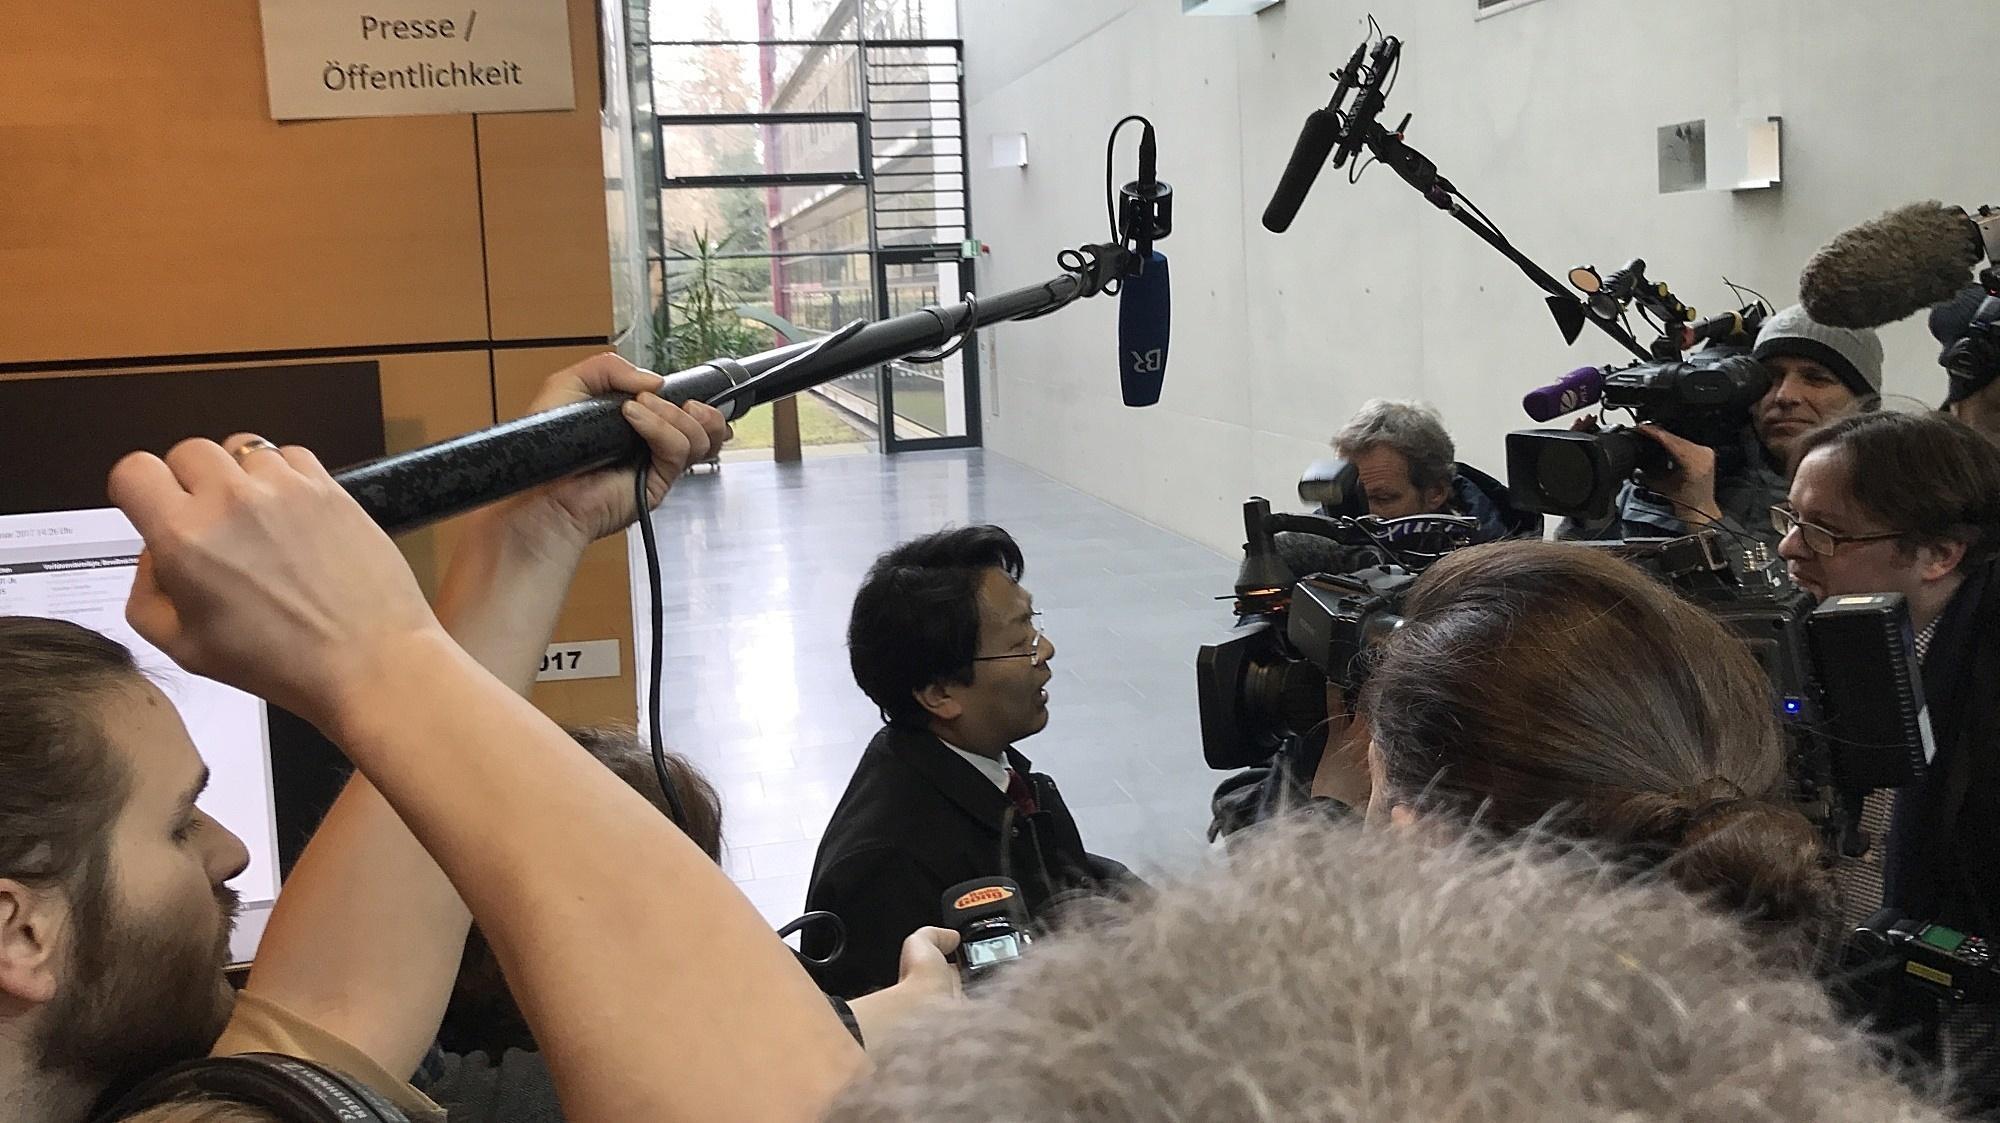 Anwalt Chan-jo Jun wird von der Presse befragt.